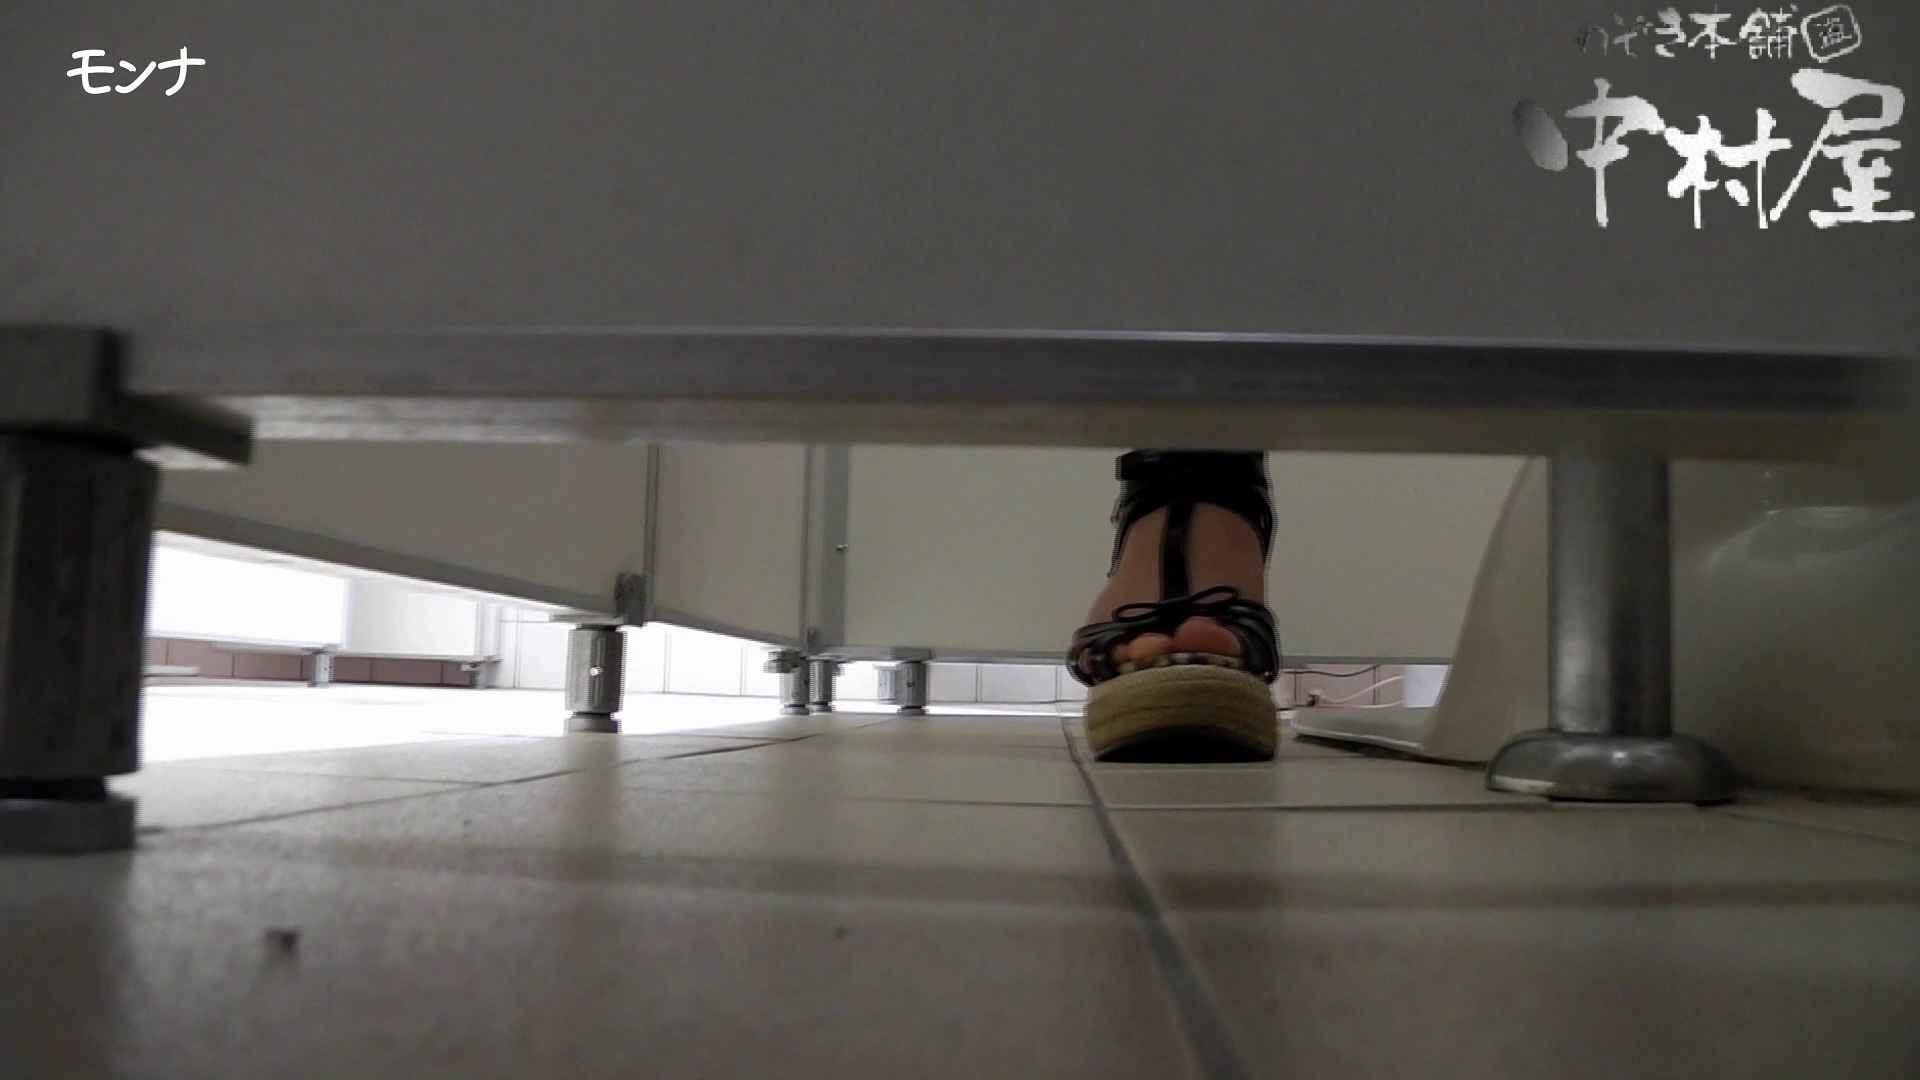 【美しい日本の未来】美しい日本の未来 No.43 復活宣言、本格的に出動、花柄スカートにズームイン 盗撮 オマンコ無修正動画無料 90画像 44